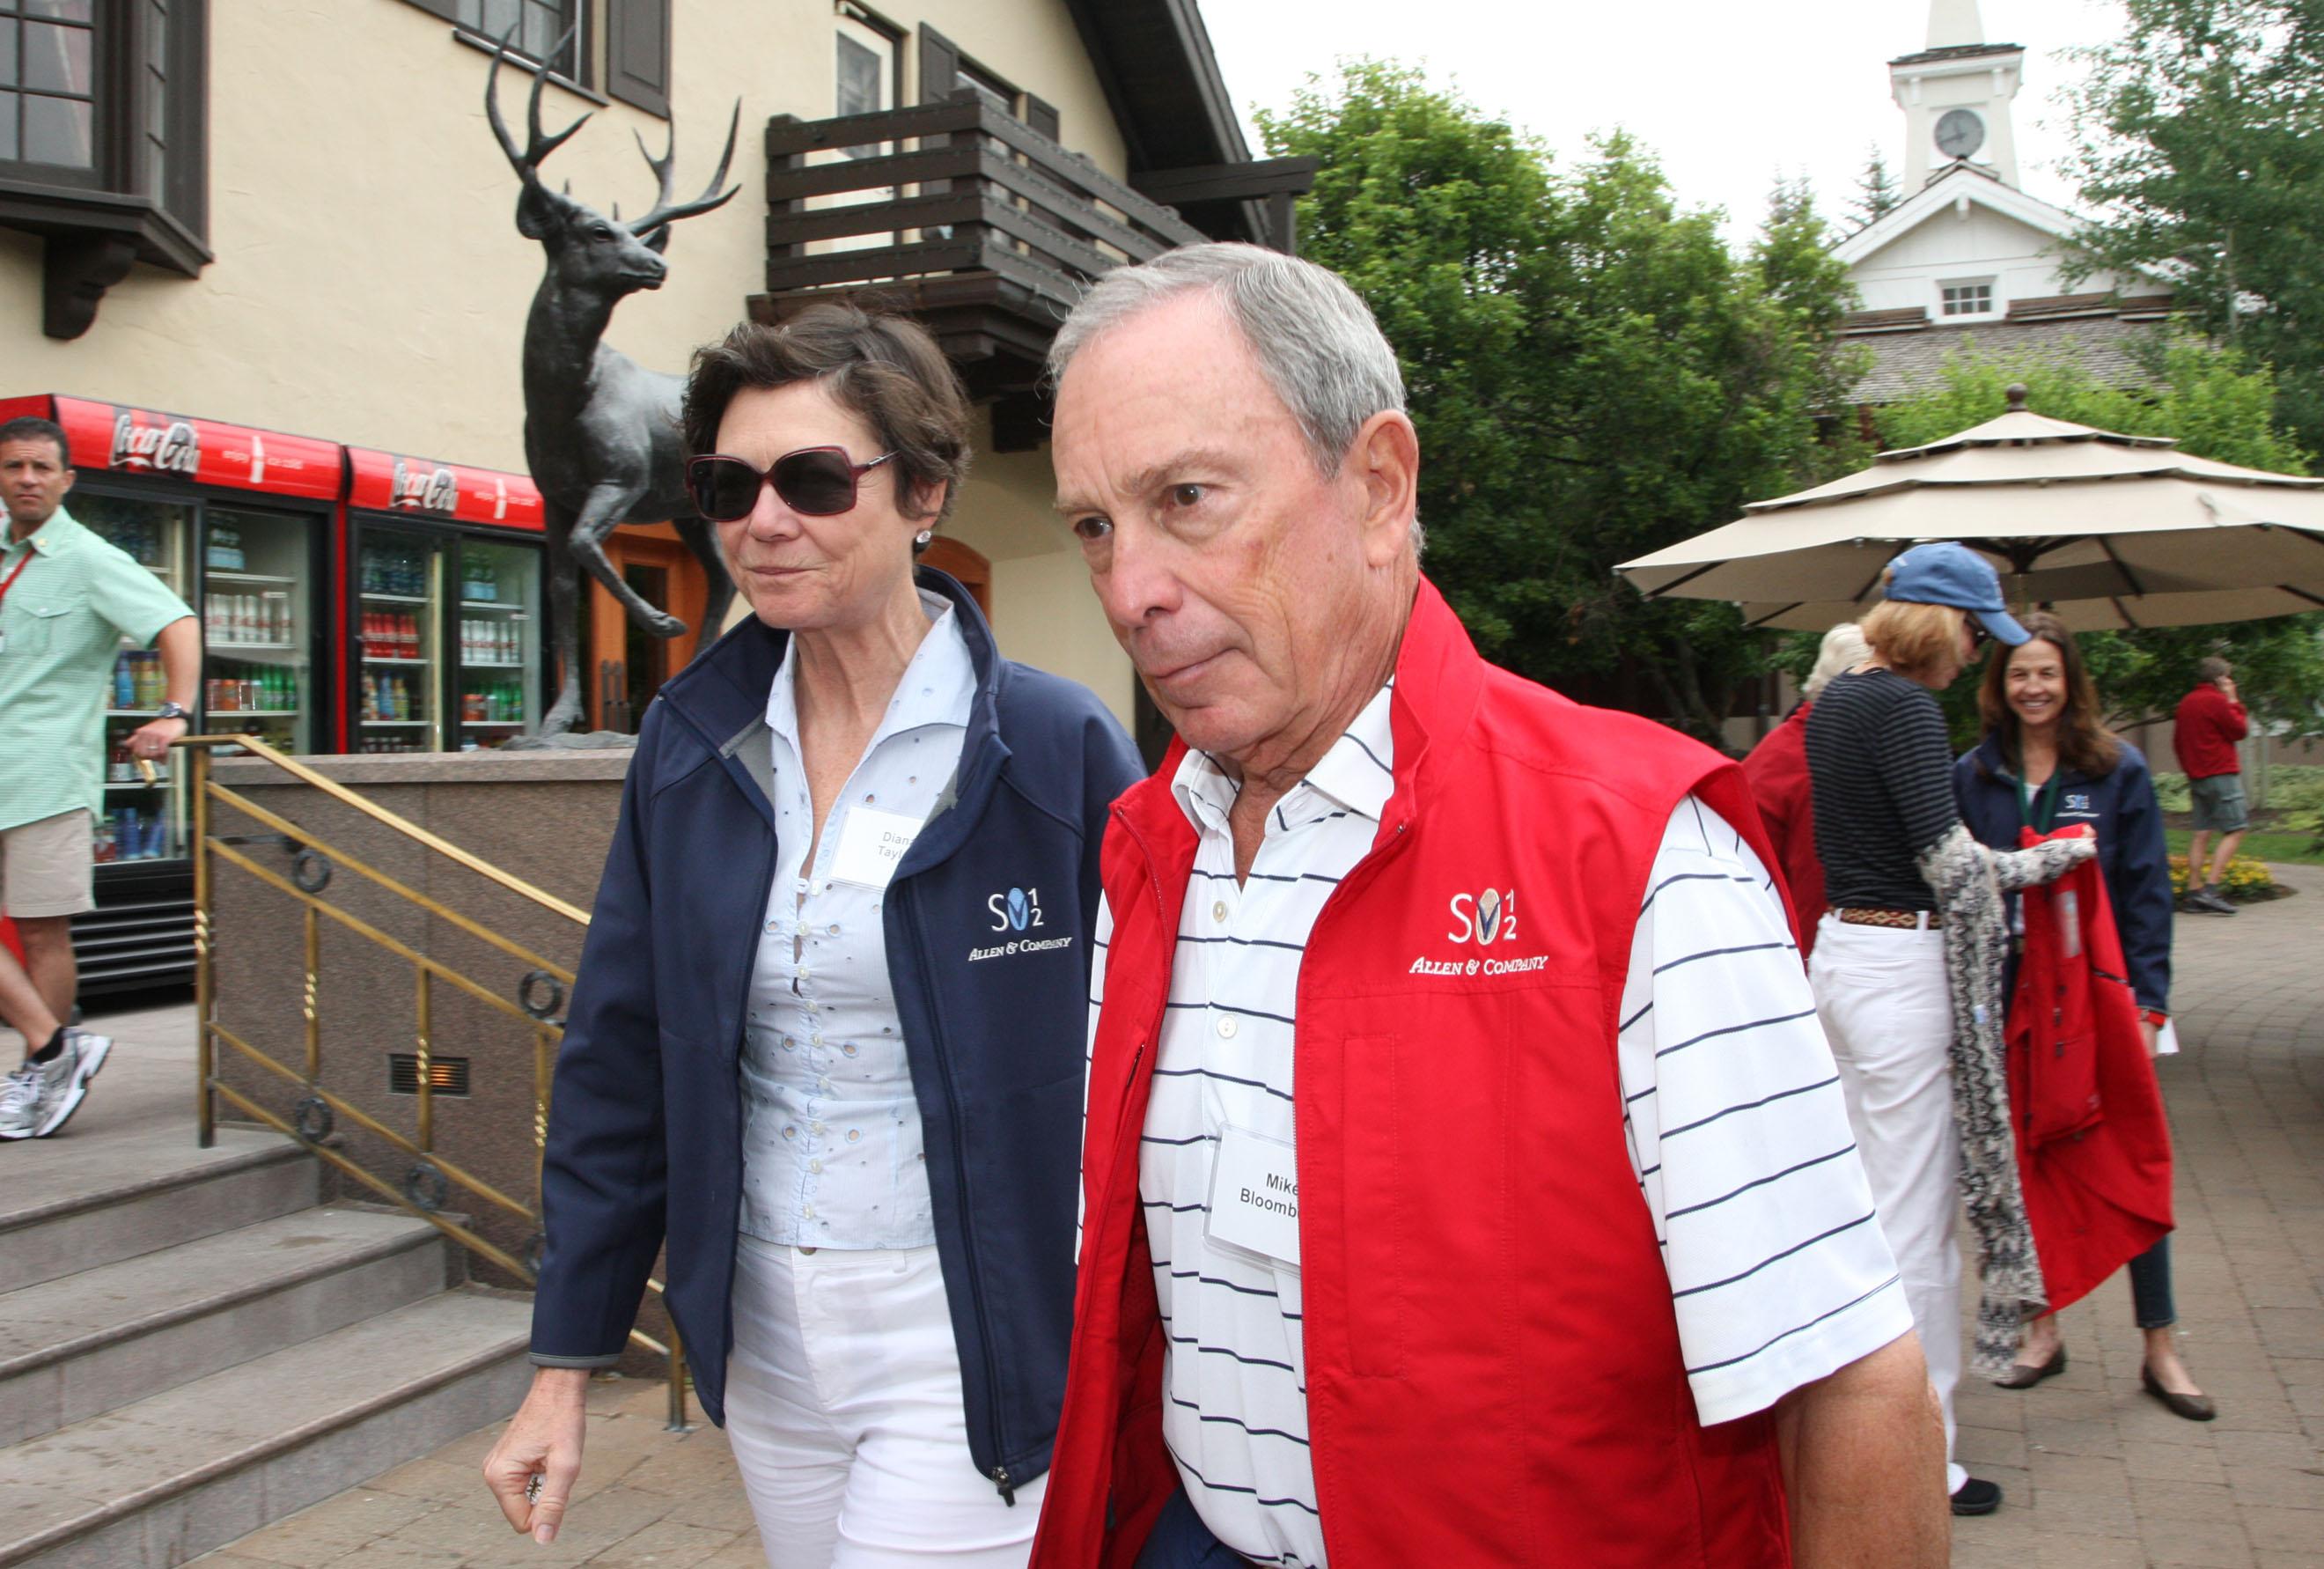 Майкл Блумберг не спешит регистрировать отношения с Дианой Тейлор. Фото: SPLASH NEWS